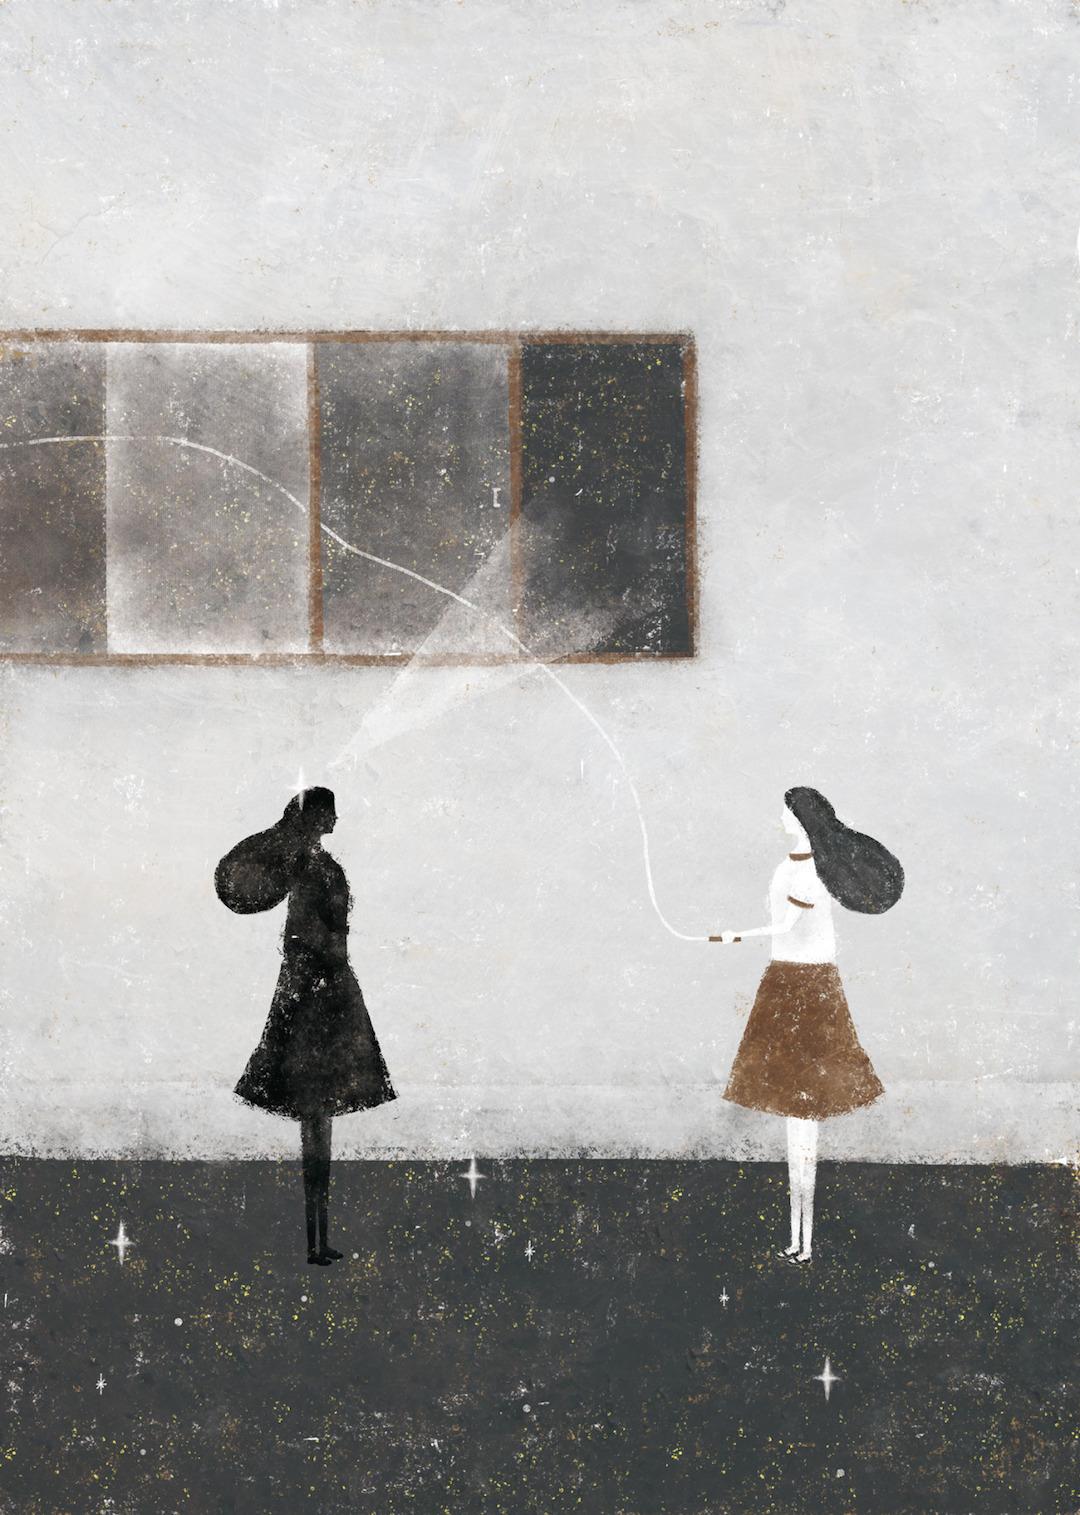 Gray illustration by Akira Kusaka